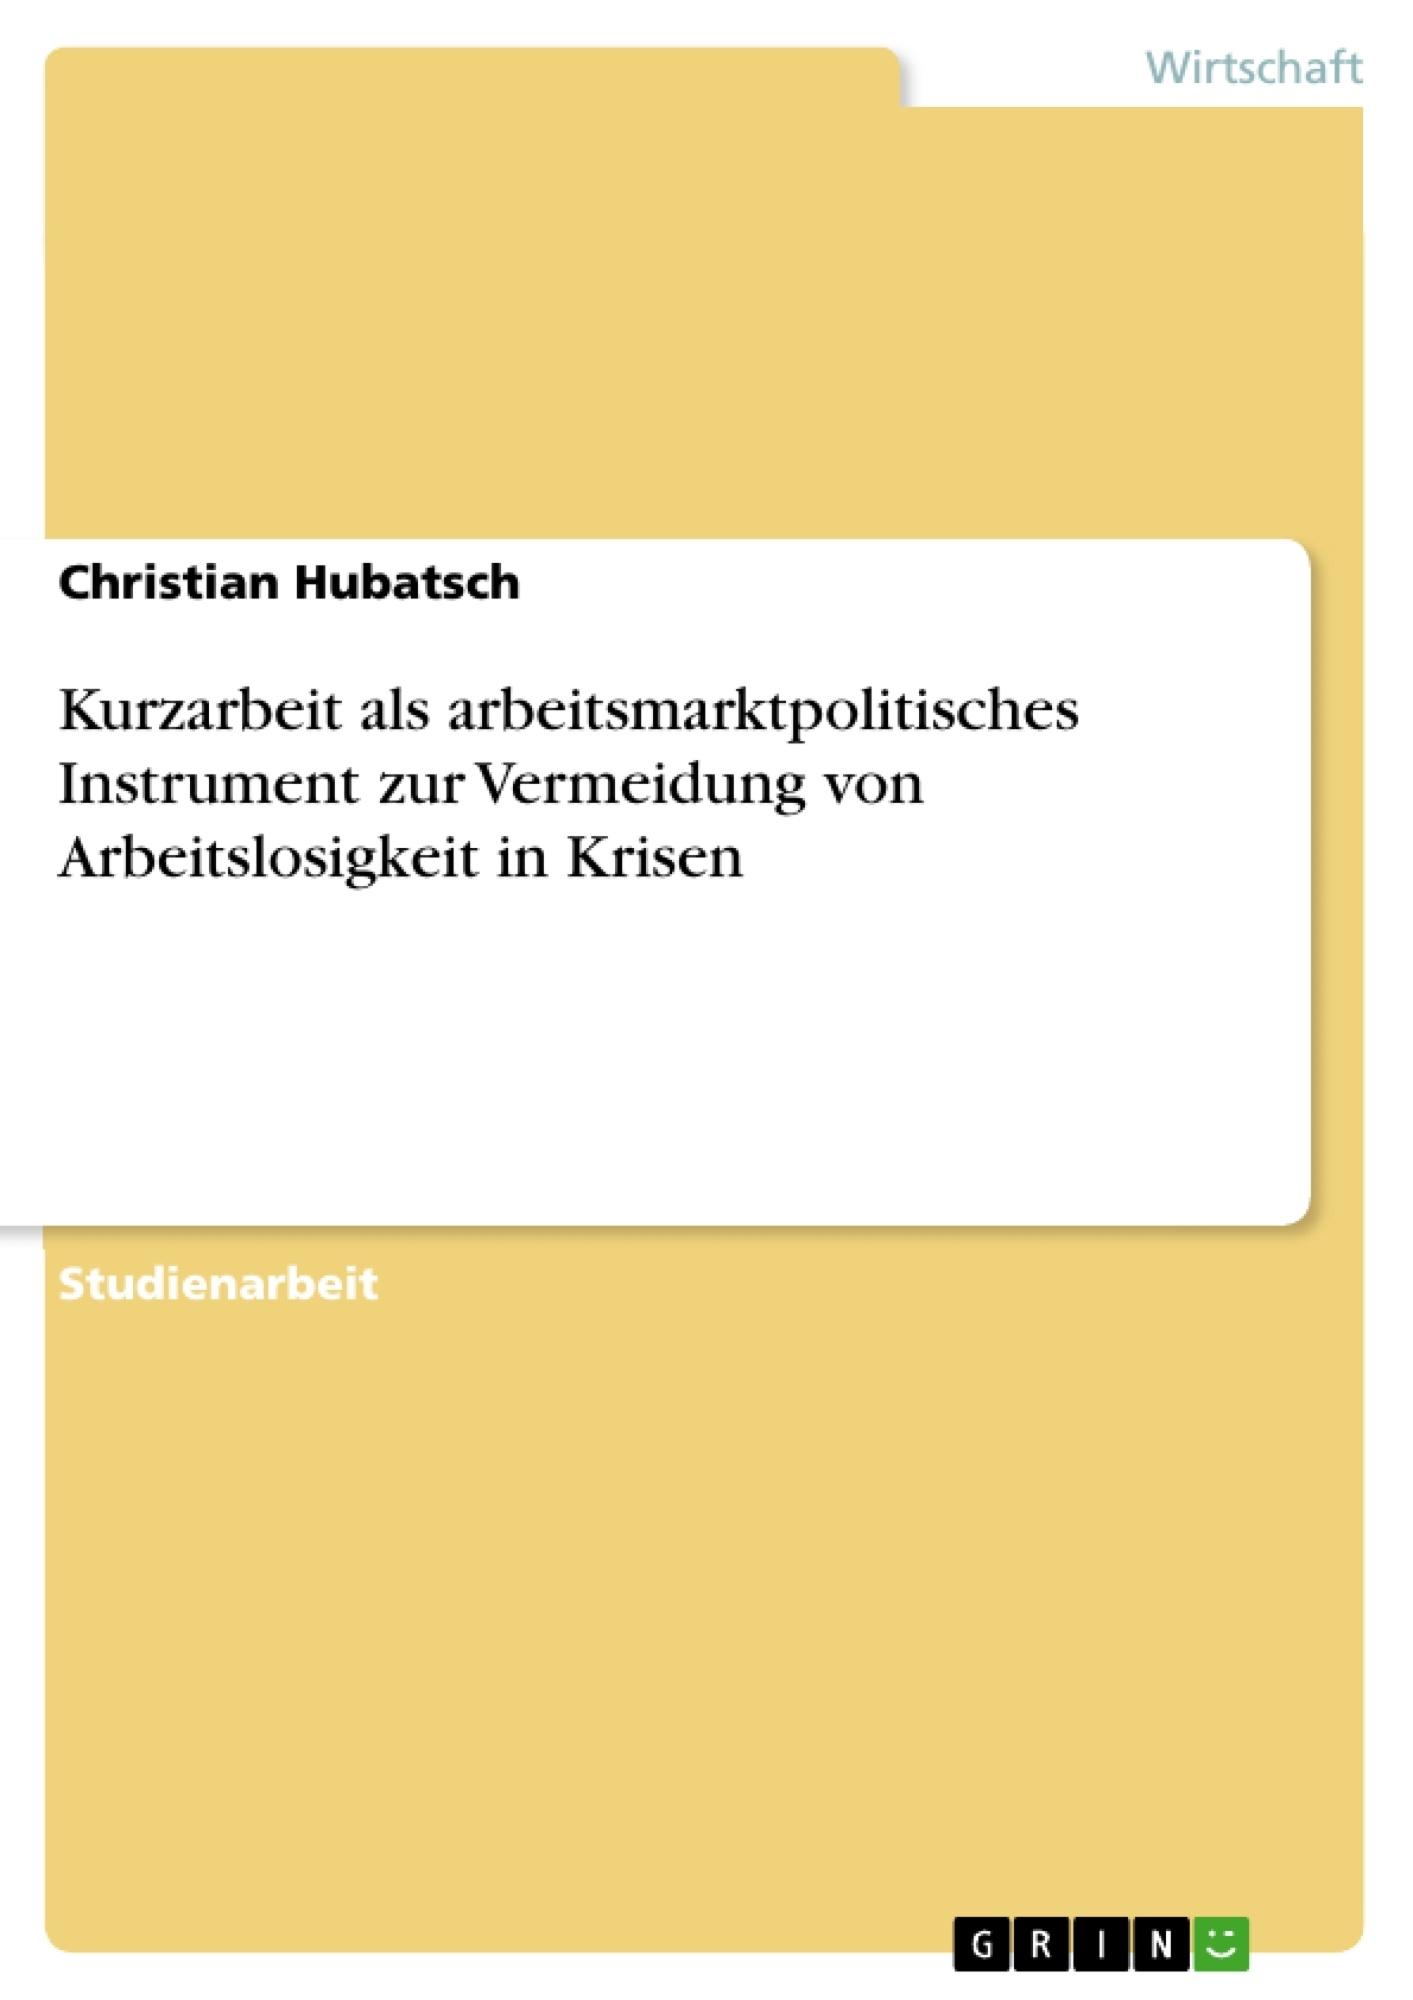 Titel: Kurzarbeit als arbeitsmarktpolitisches Instrument zur Vermeidung von Arbeitslosigkeit in Krisen